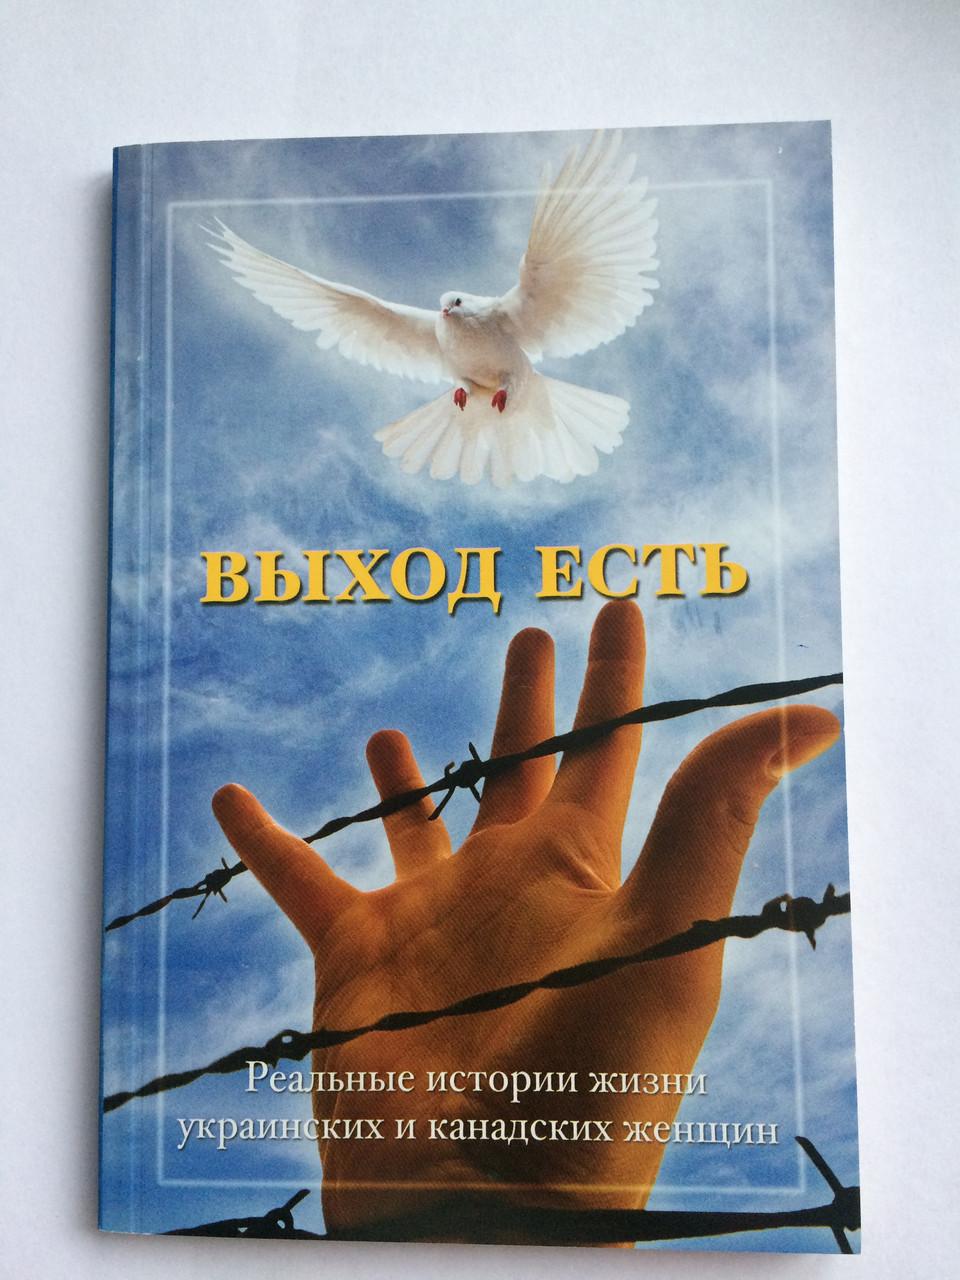 Вихід є. Реальні історії життя українських та канадських жінок